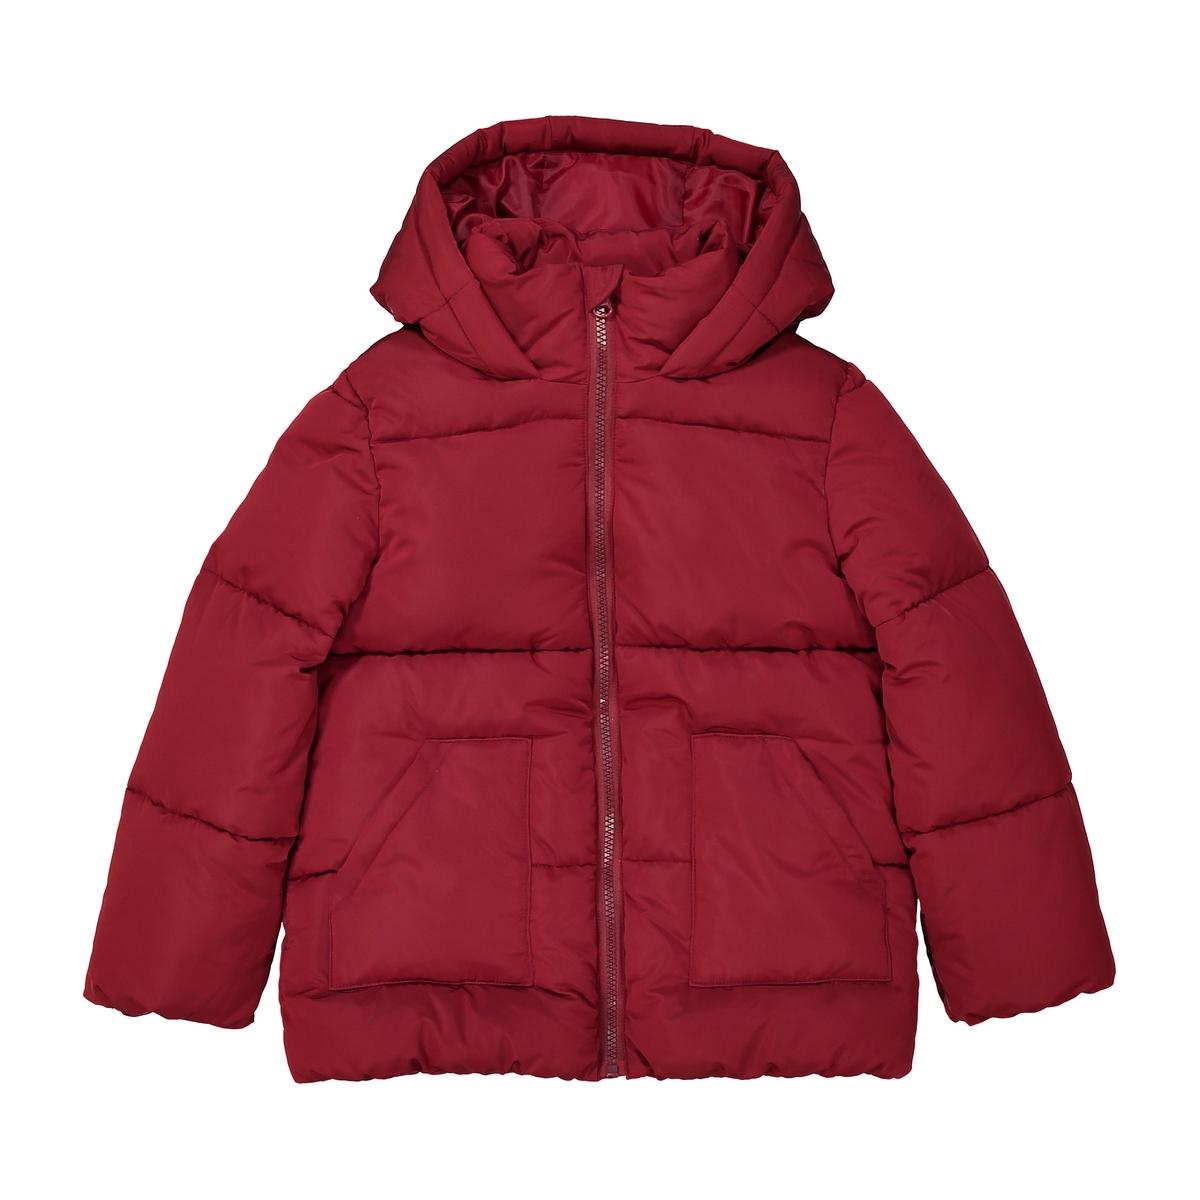 Куртка стеганая теплая длинная с капюшоном, 3-12 лет